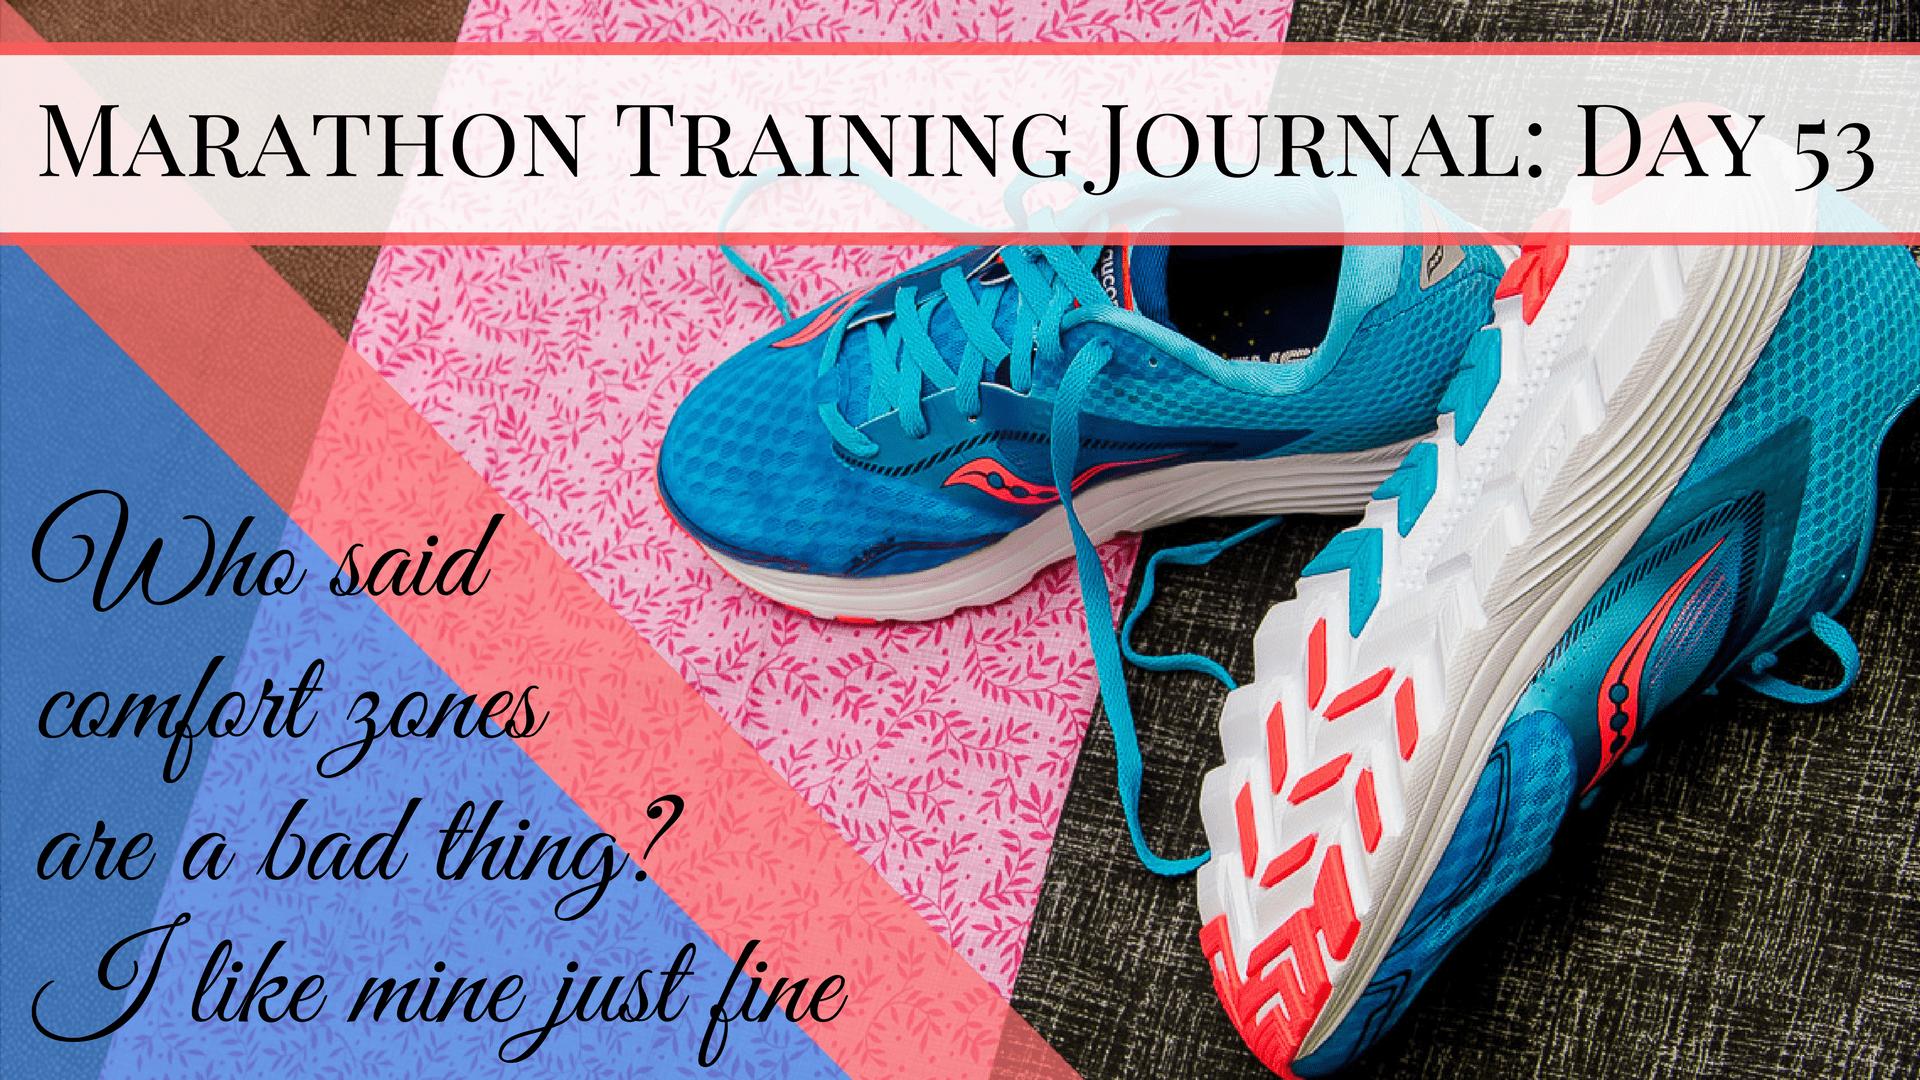 Marathon Training Journal- Day 53